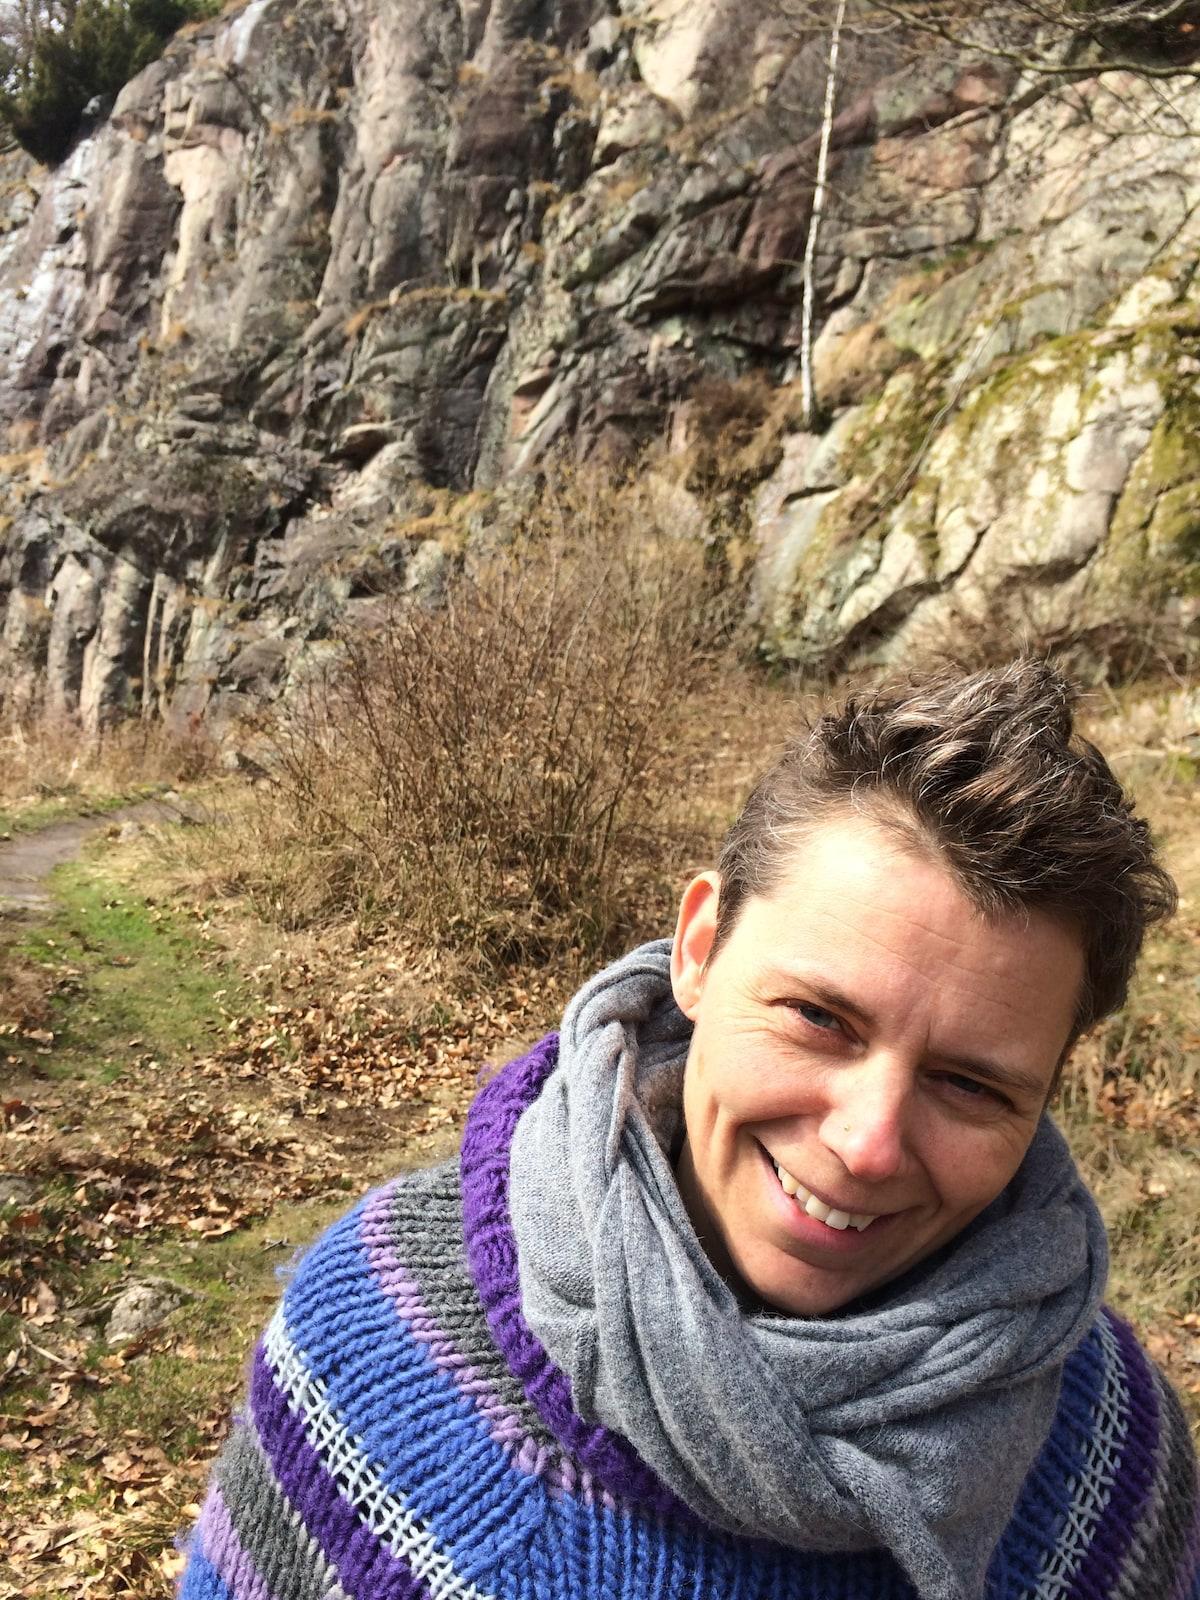 Annette From Gentofte, Denmark